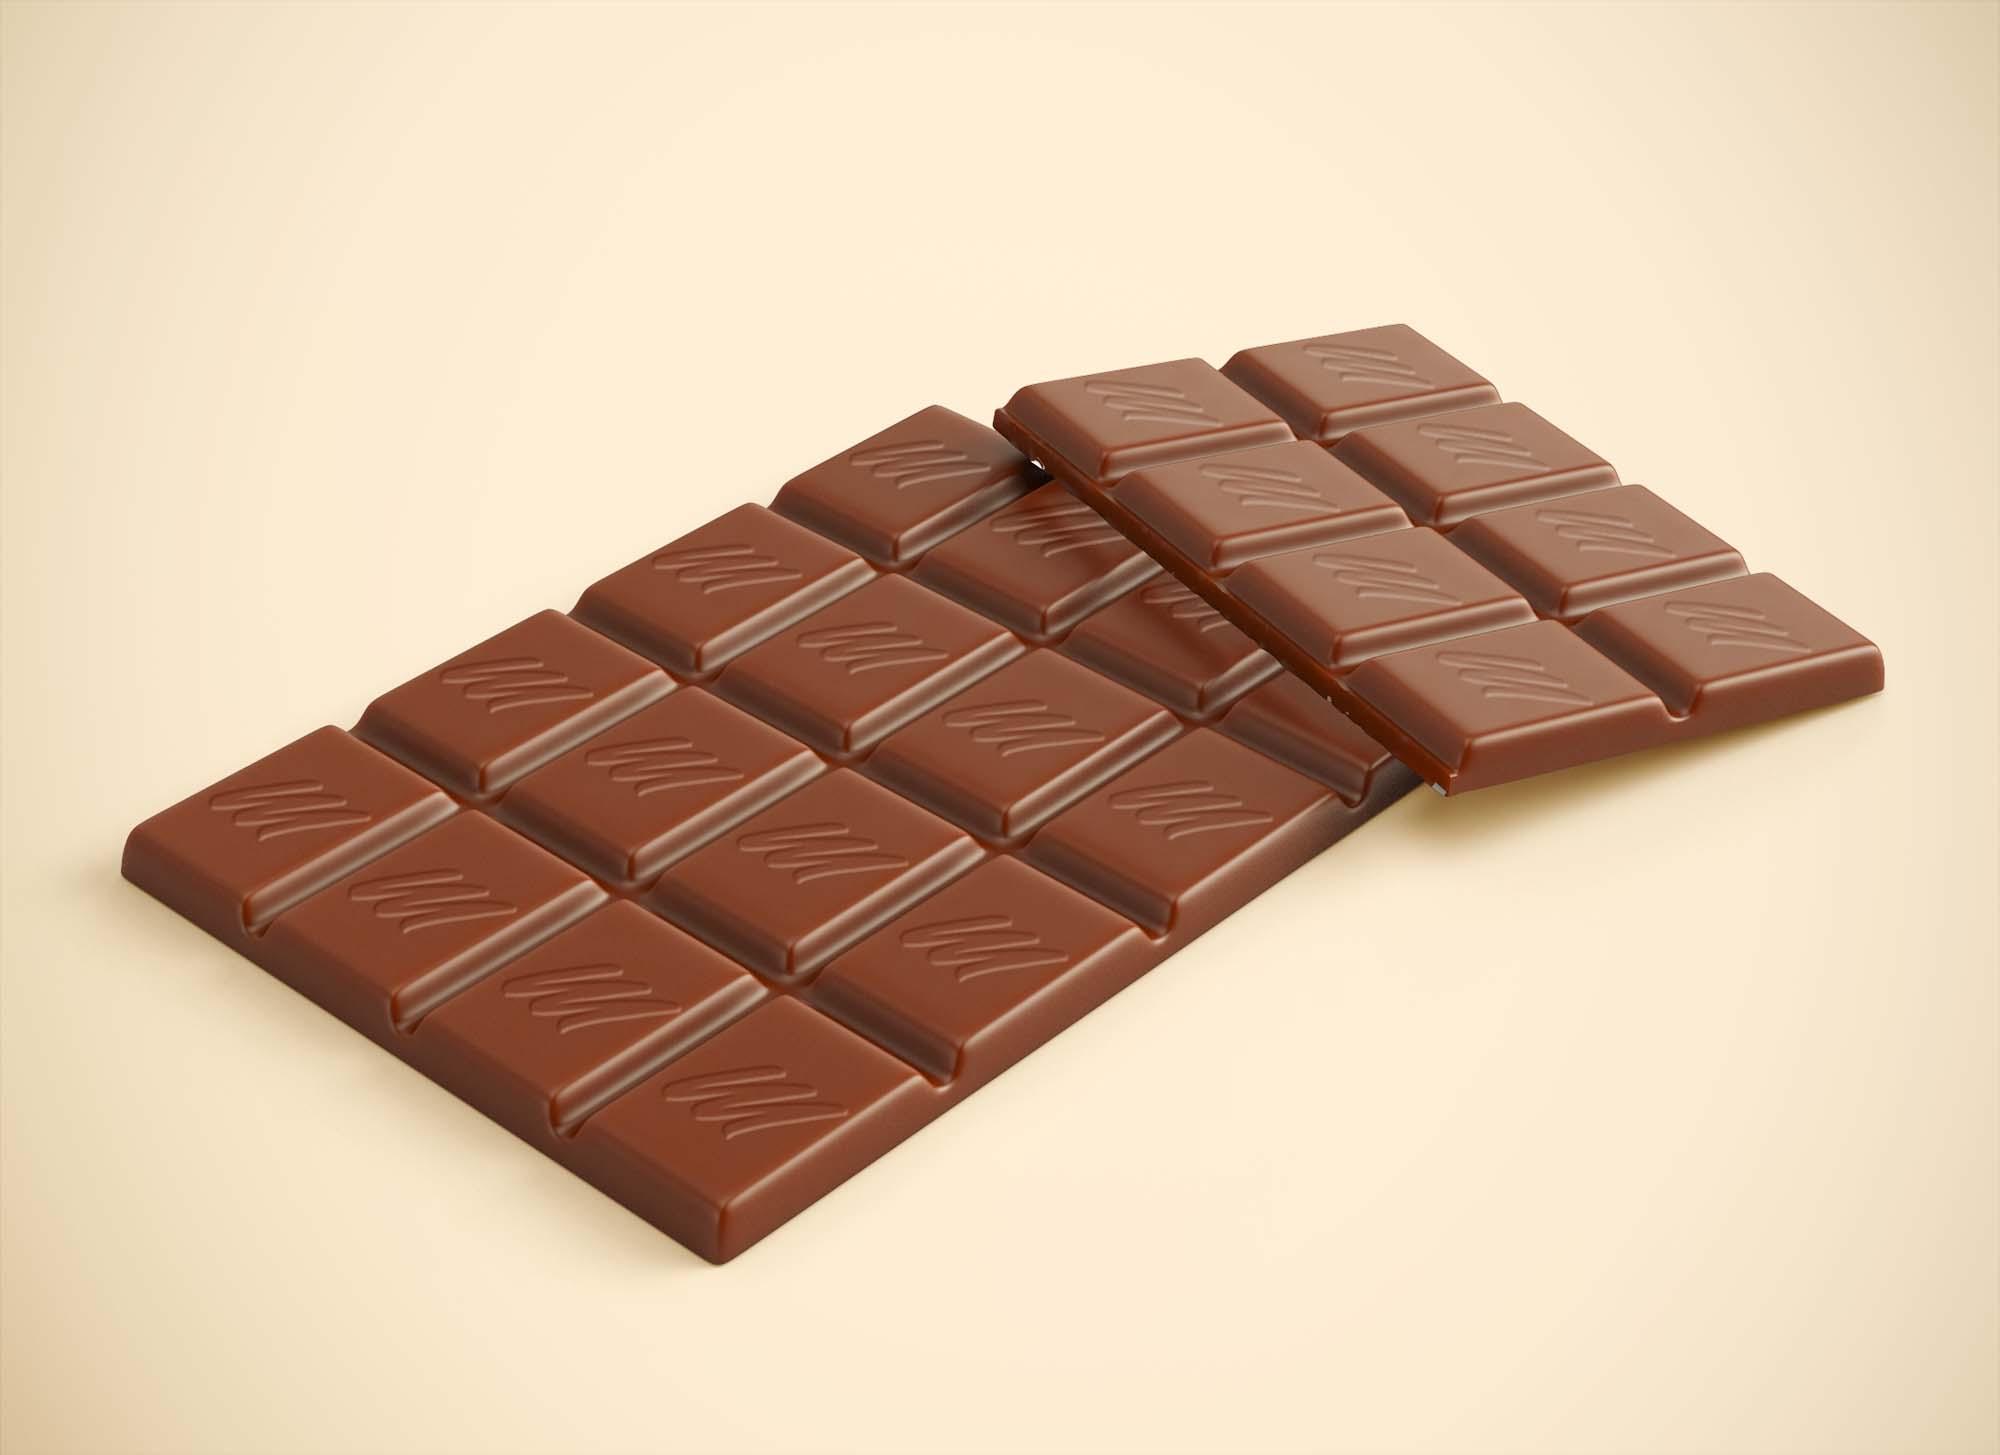 Chocolate Mockup 3